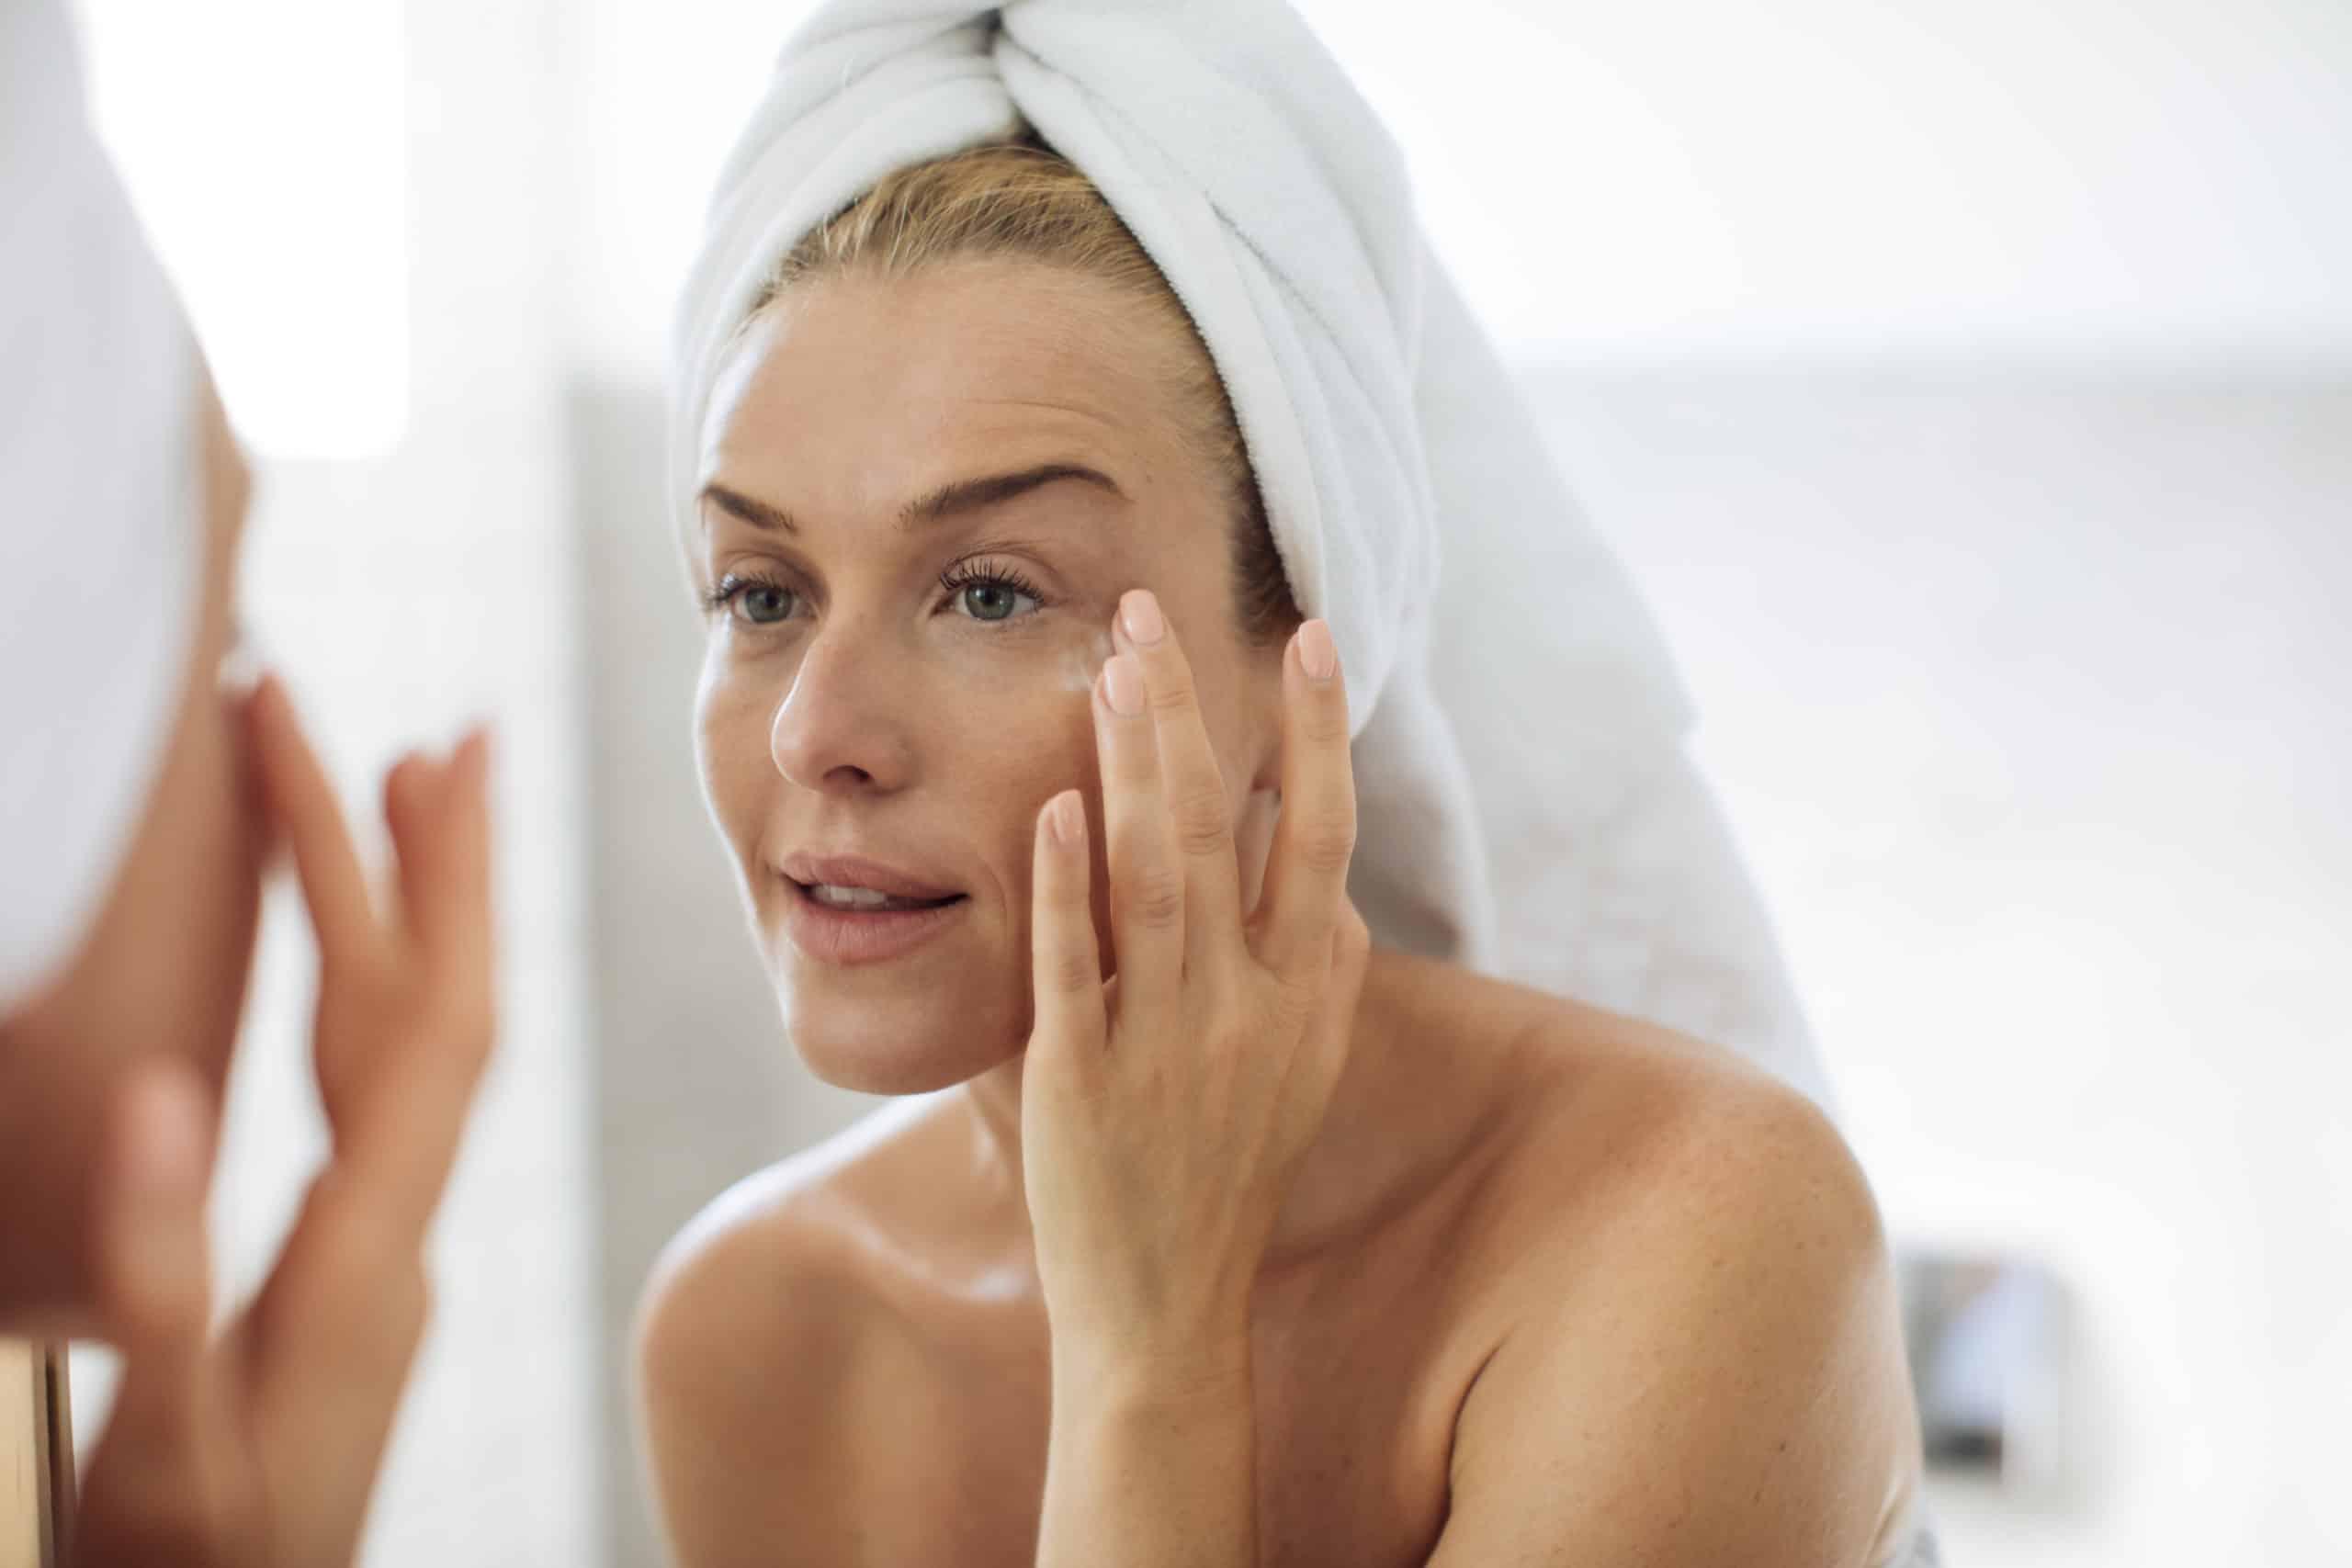 Oczy to zwierciadło duszy – jak zadbać o skórę wokół oka?